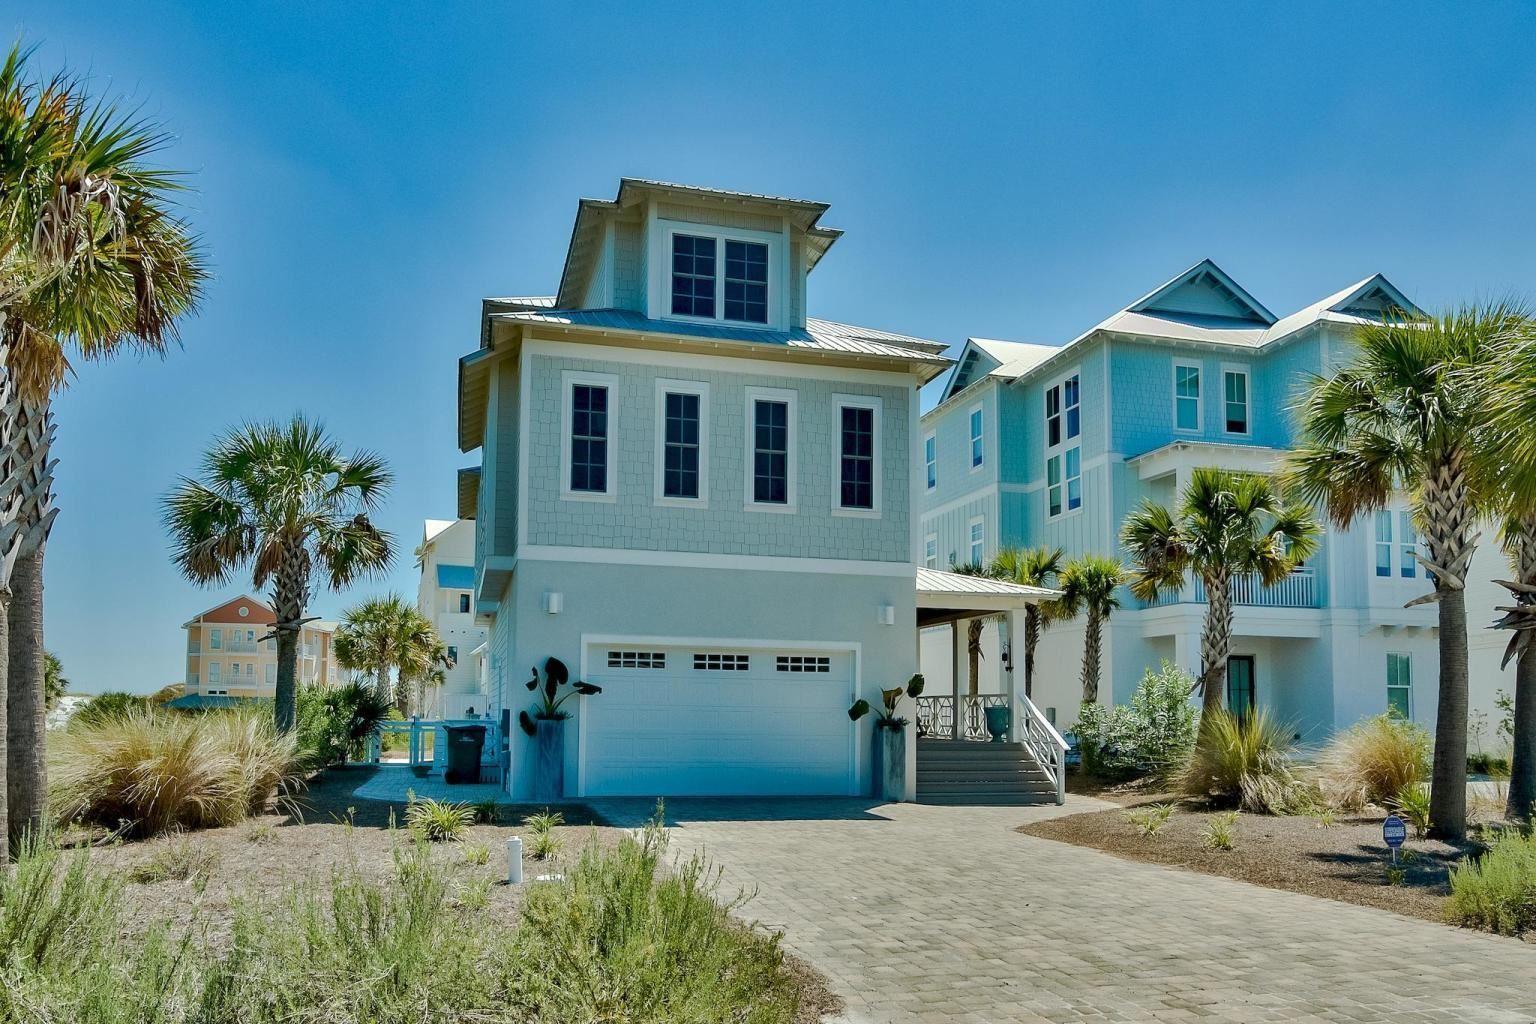 Property Image Of 113 Dunes Estate Boulevard In Santa Rosa Beach, Fl